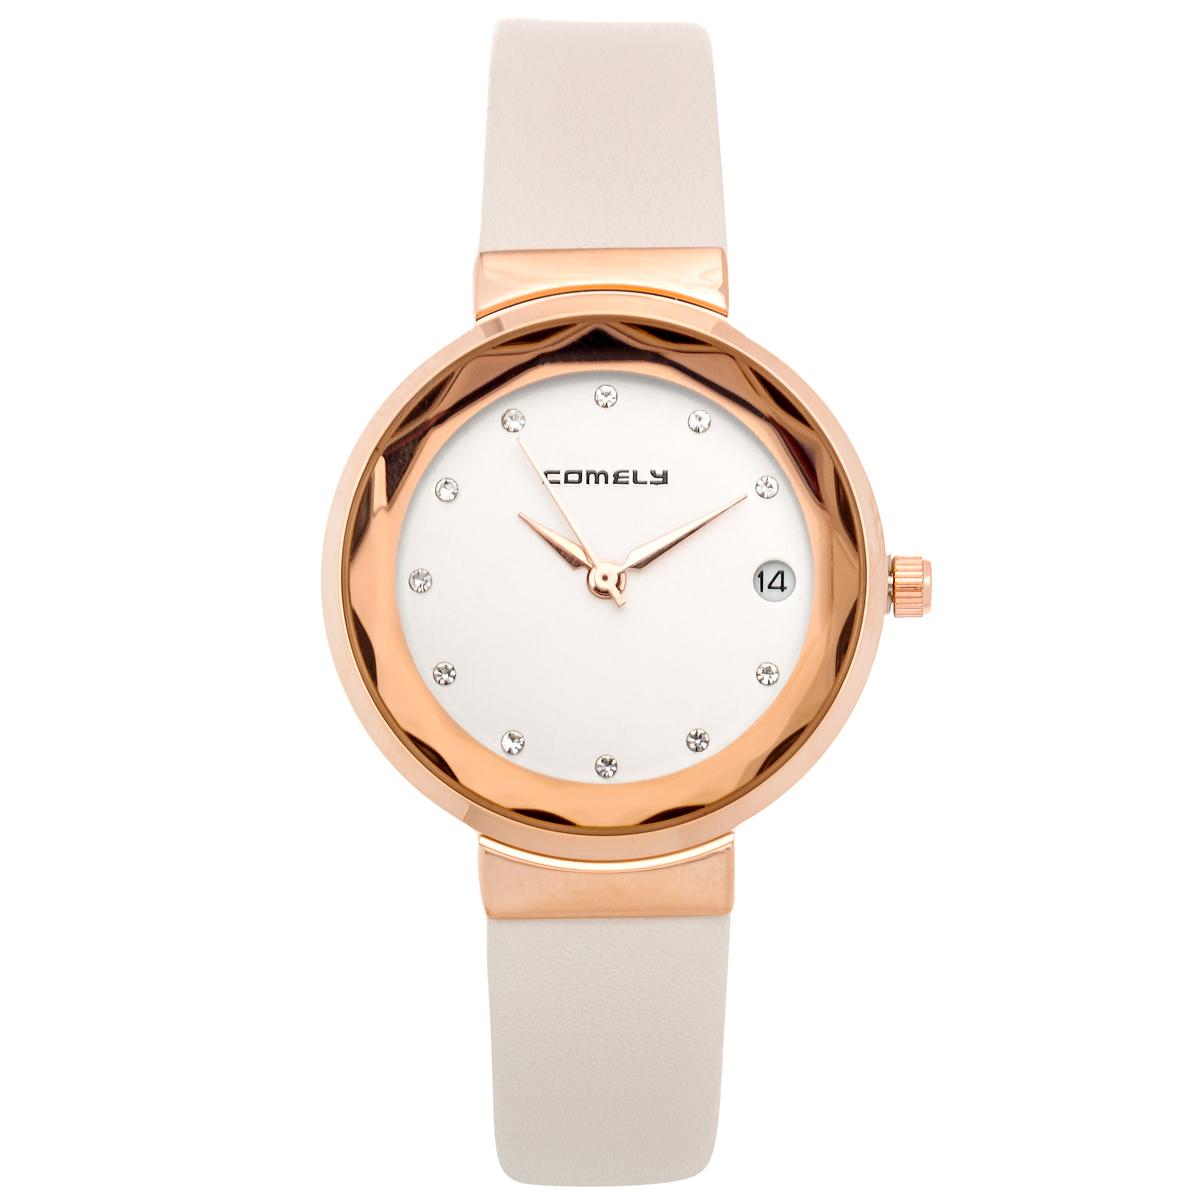 ساعت مچی عقربه ای زنانه کاملی کد W1126 29